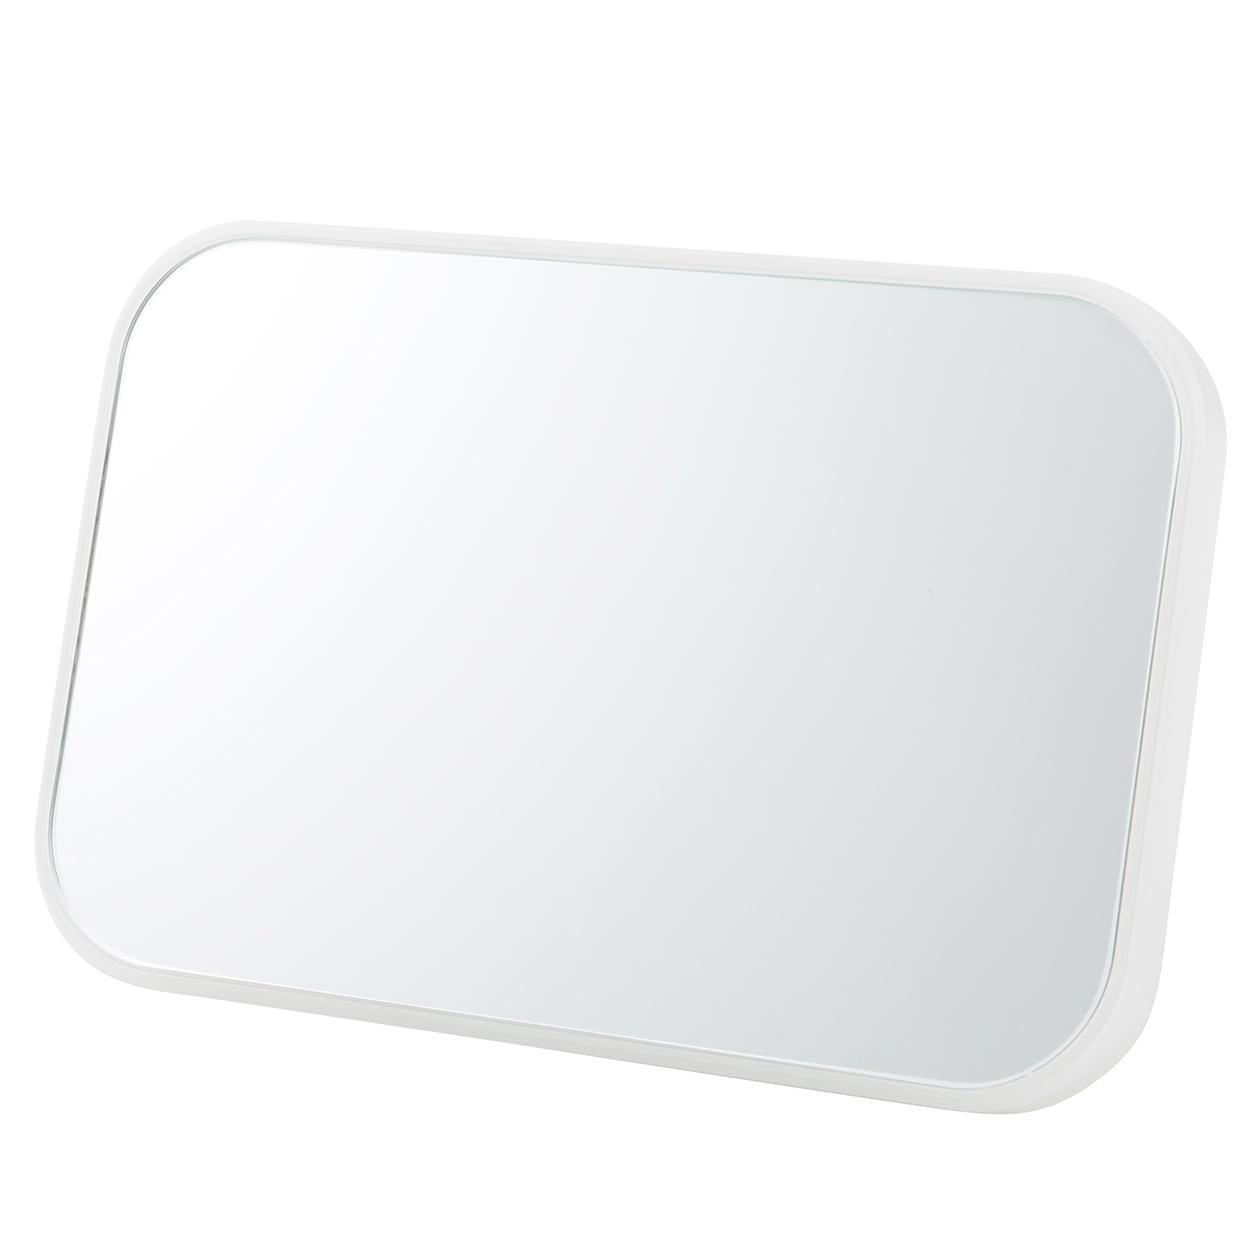 RoomClip商品情報 - ポリプロピレンメイクトレーミラー